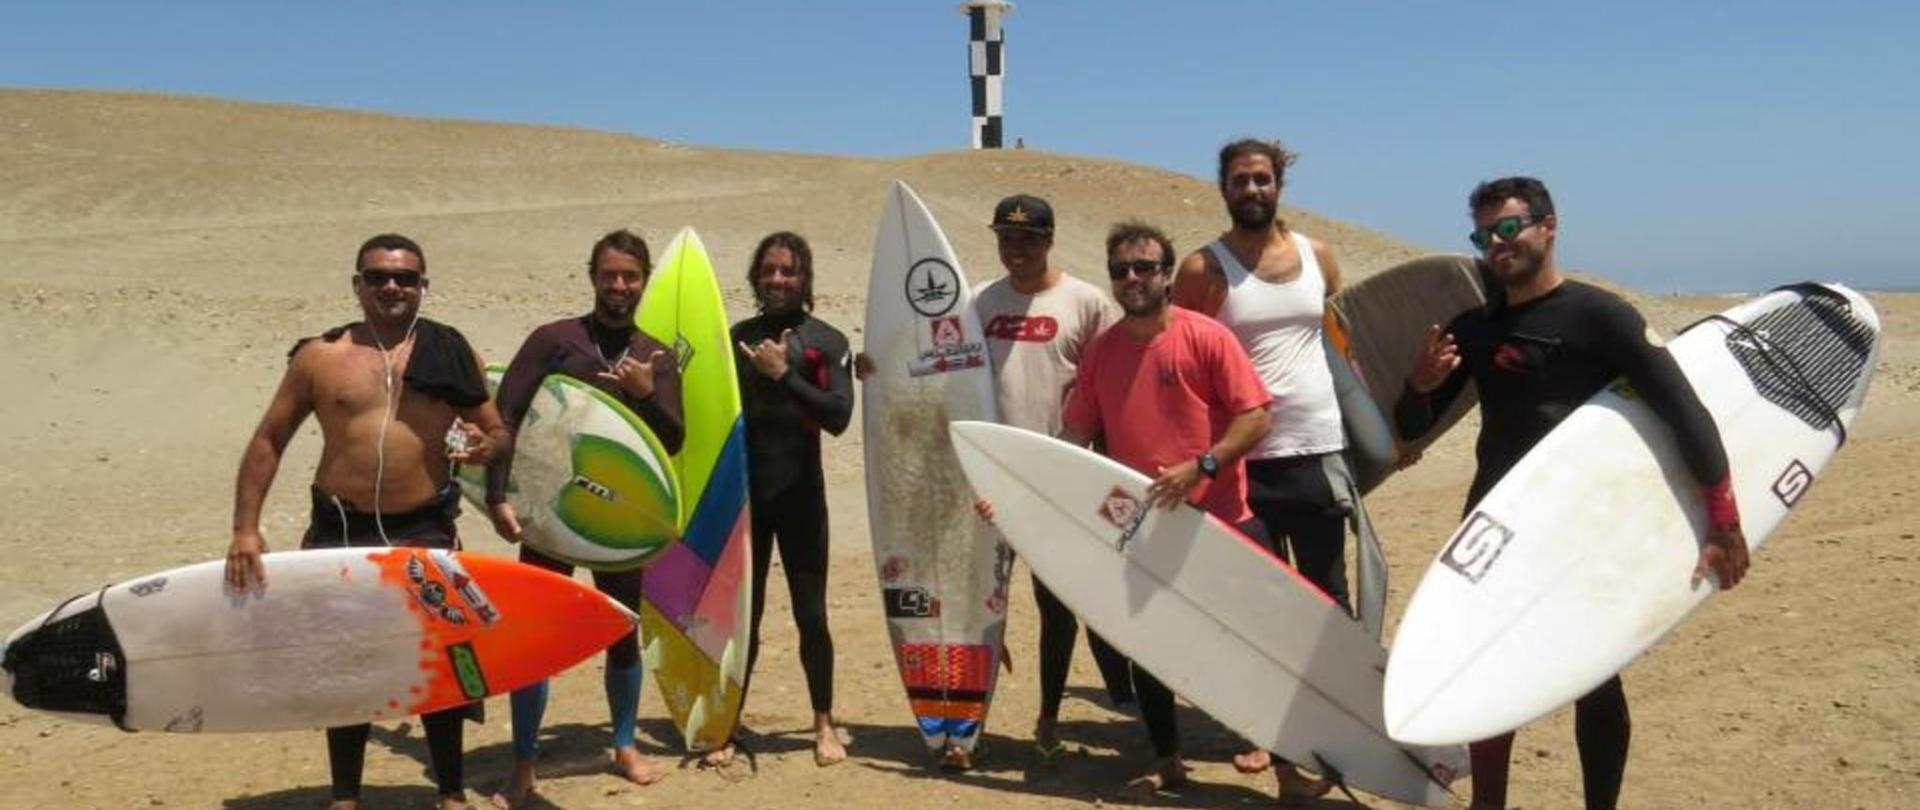 Surf Hotel Hospedaje El Mirador Pacasmayo Peru surf amigos web.jpg